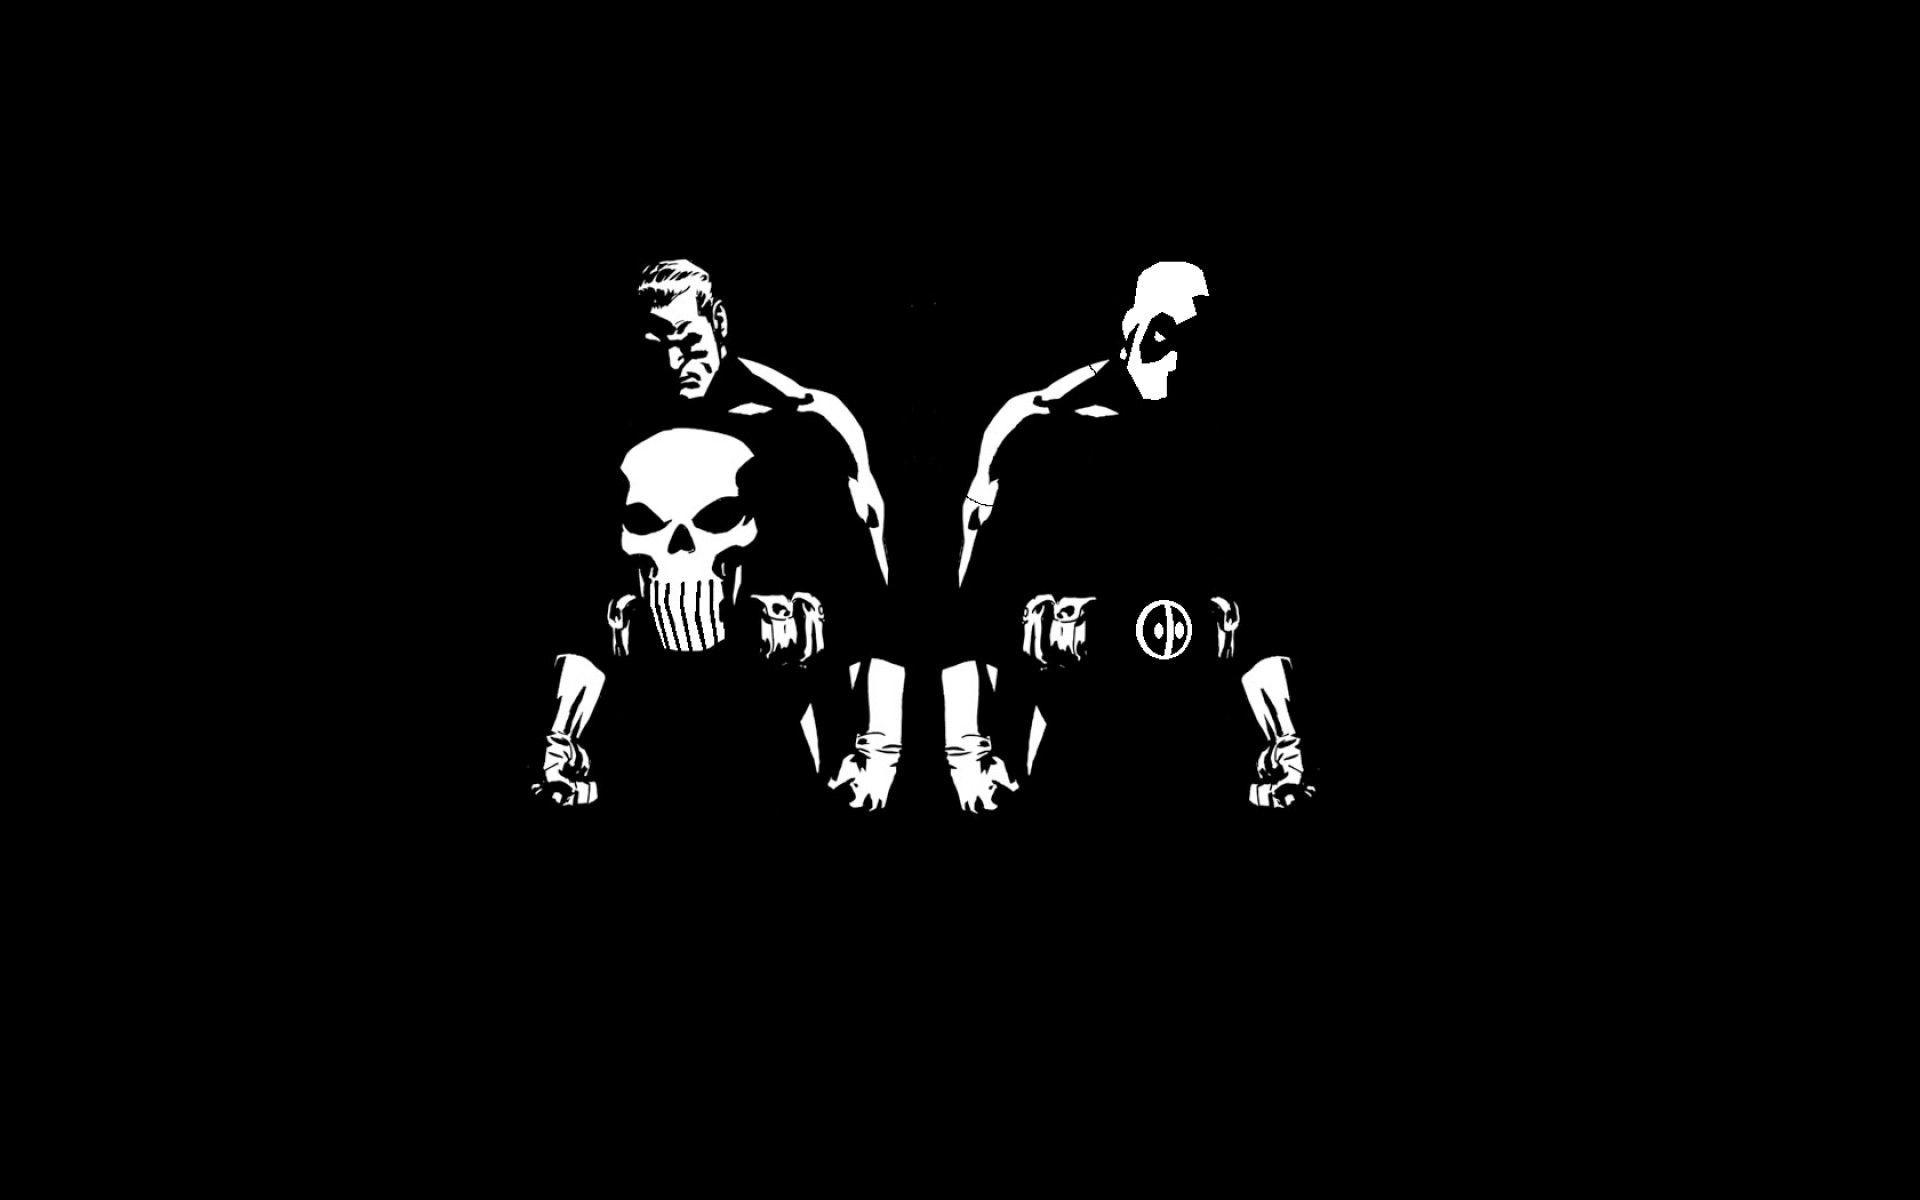 Resultado De Imagen Para Wallpaper Pc Pinterest: Punisher Logo Wallpaper ·① WallpaperTag